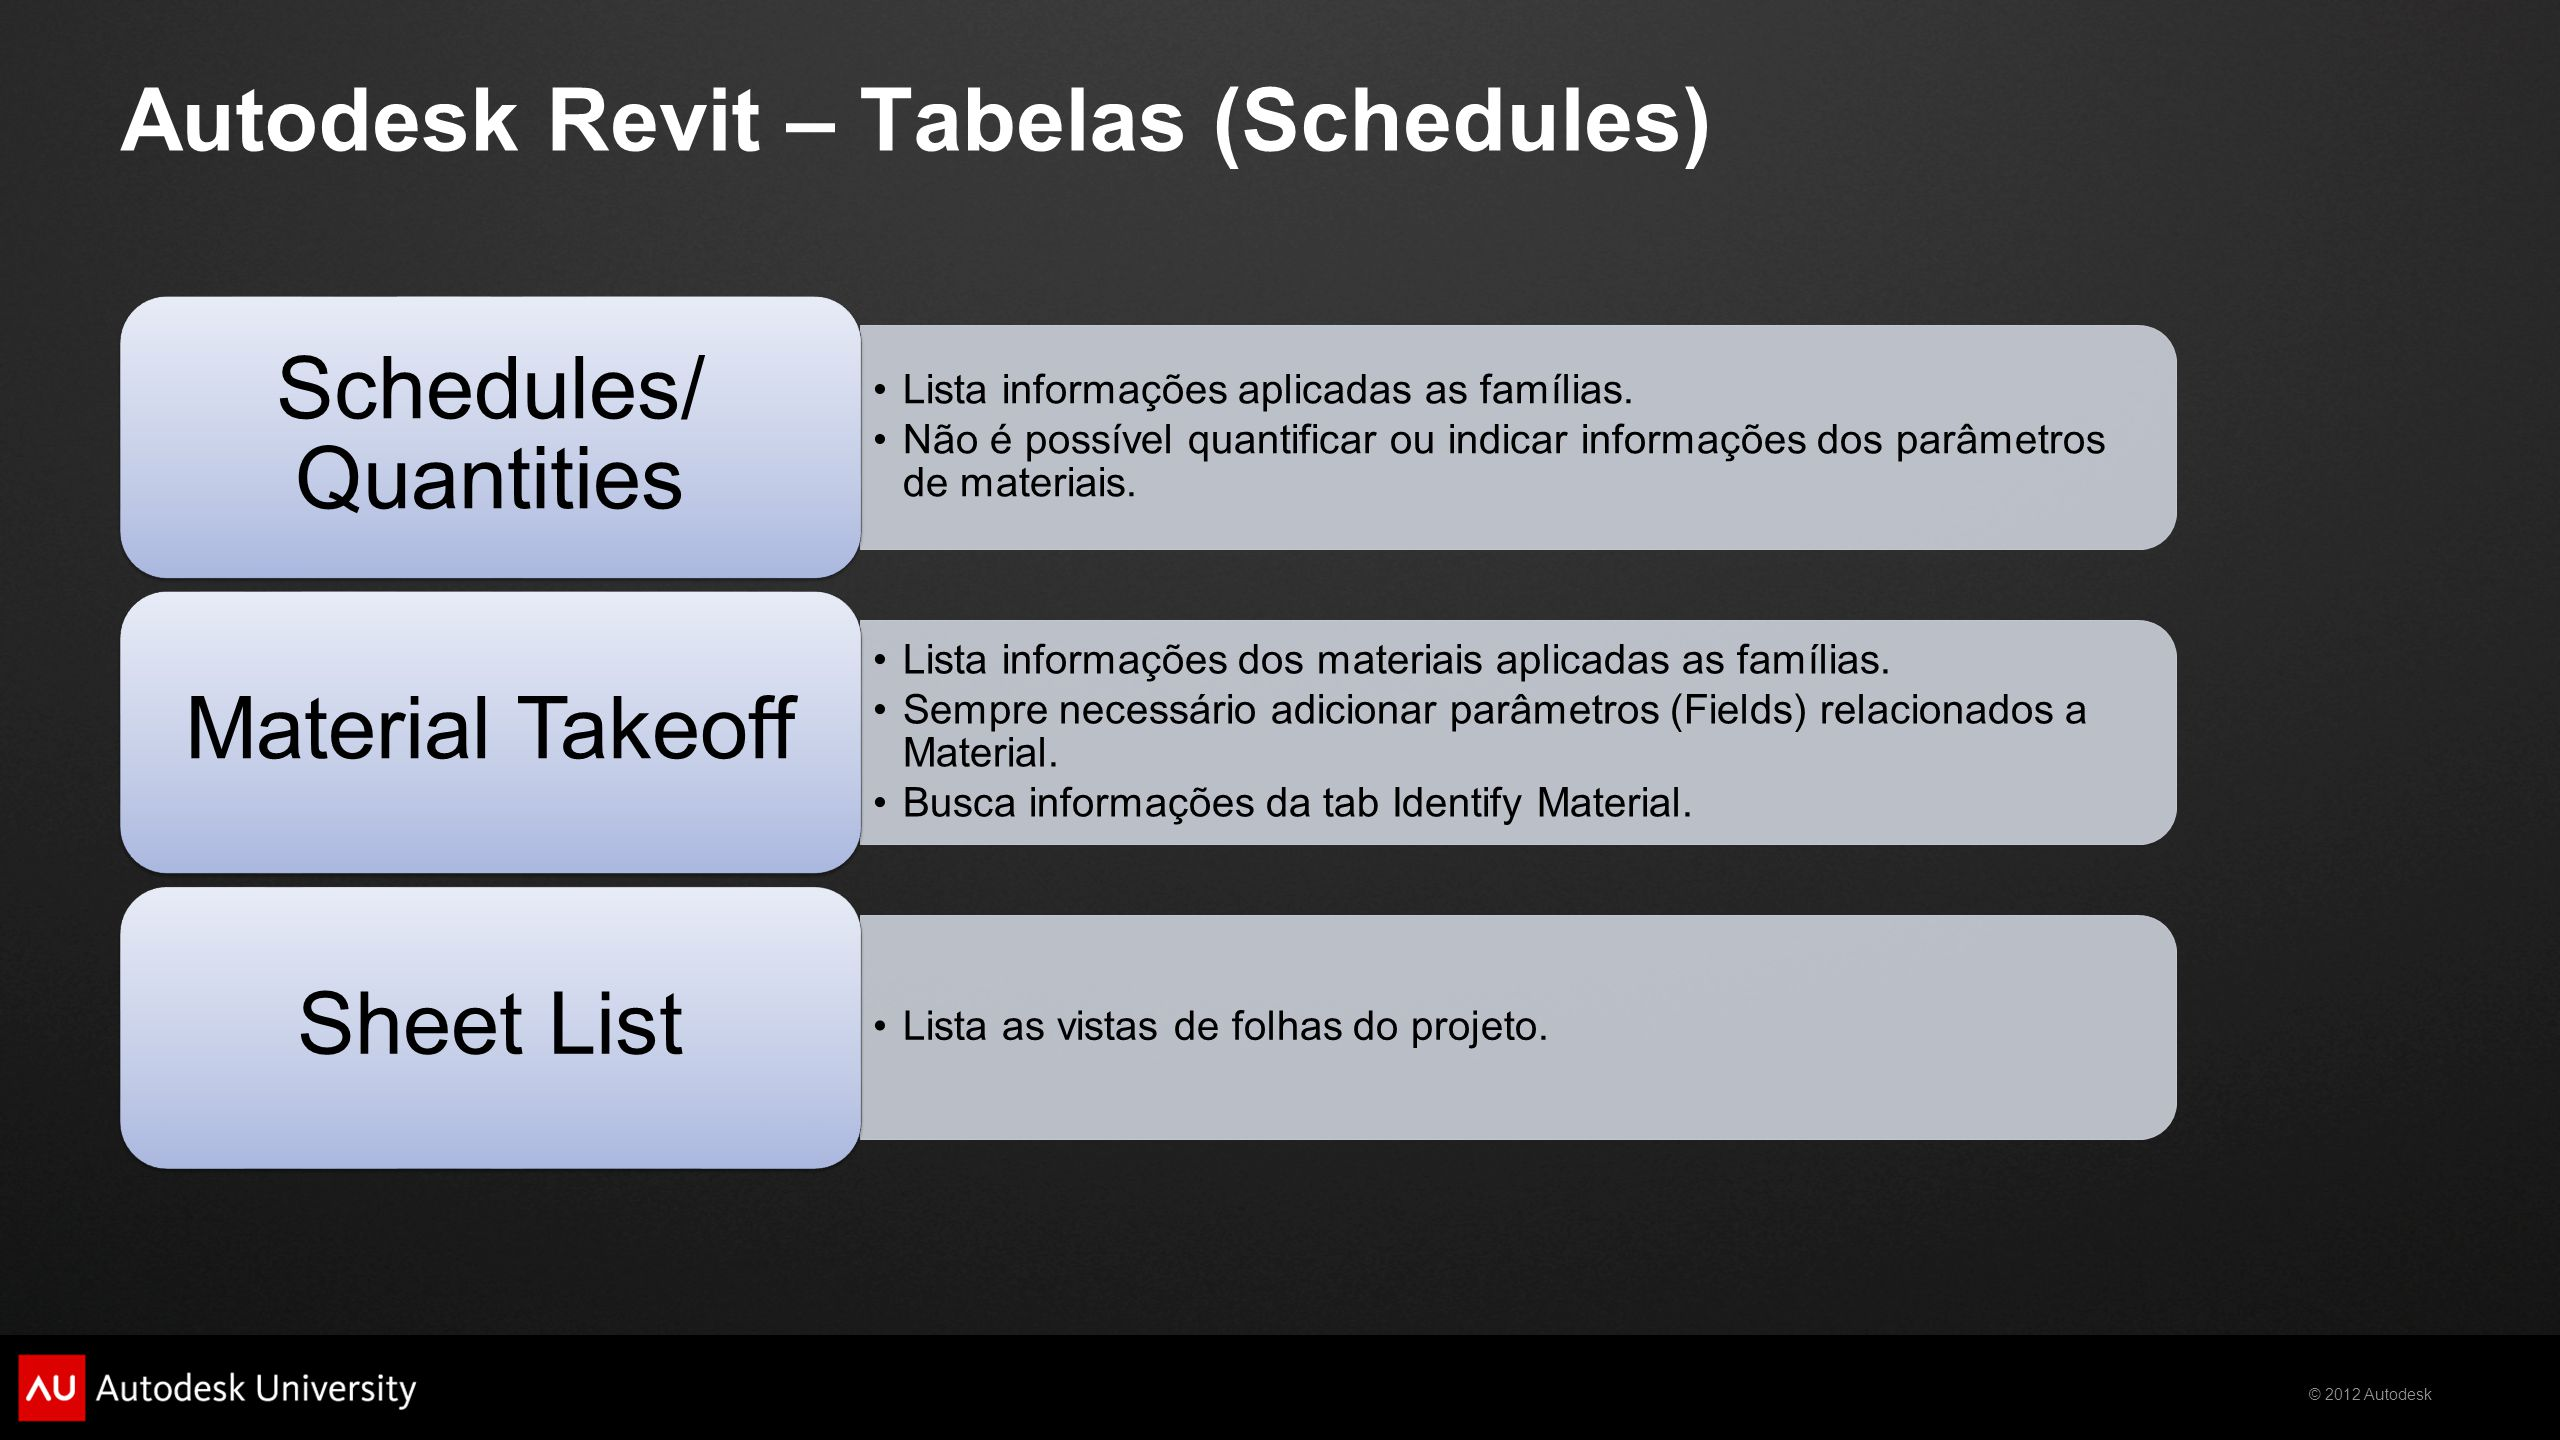 © 2012 Autodesk Autodesk Revit – Tabelas (Schedules) •Lista informações aplicadas as famílias. •Não é possível quantificar ou indicar informações dos